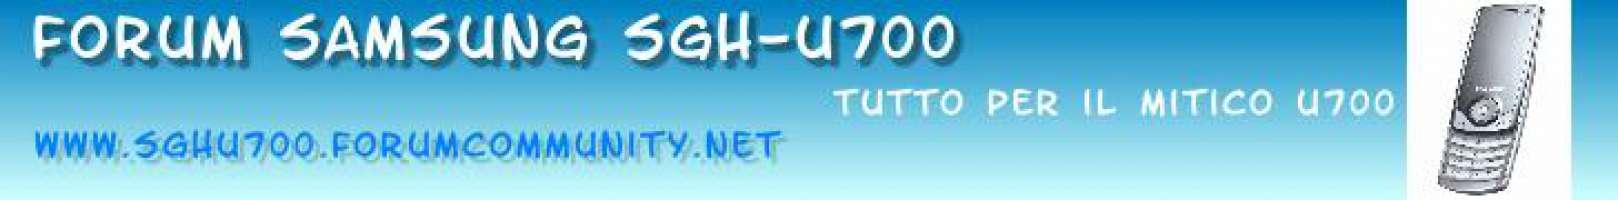 PETIZIONE SAMSUNG U700